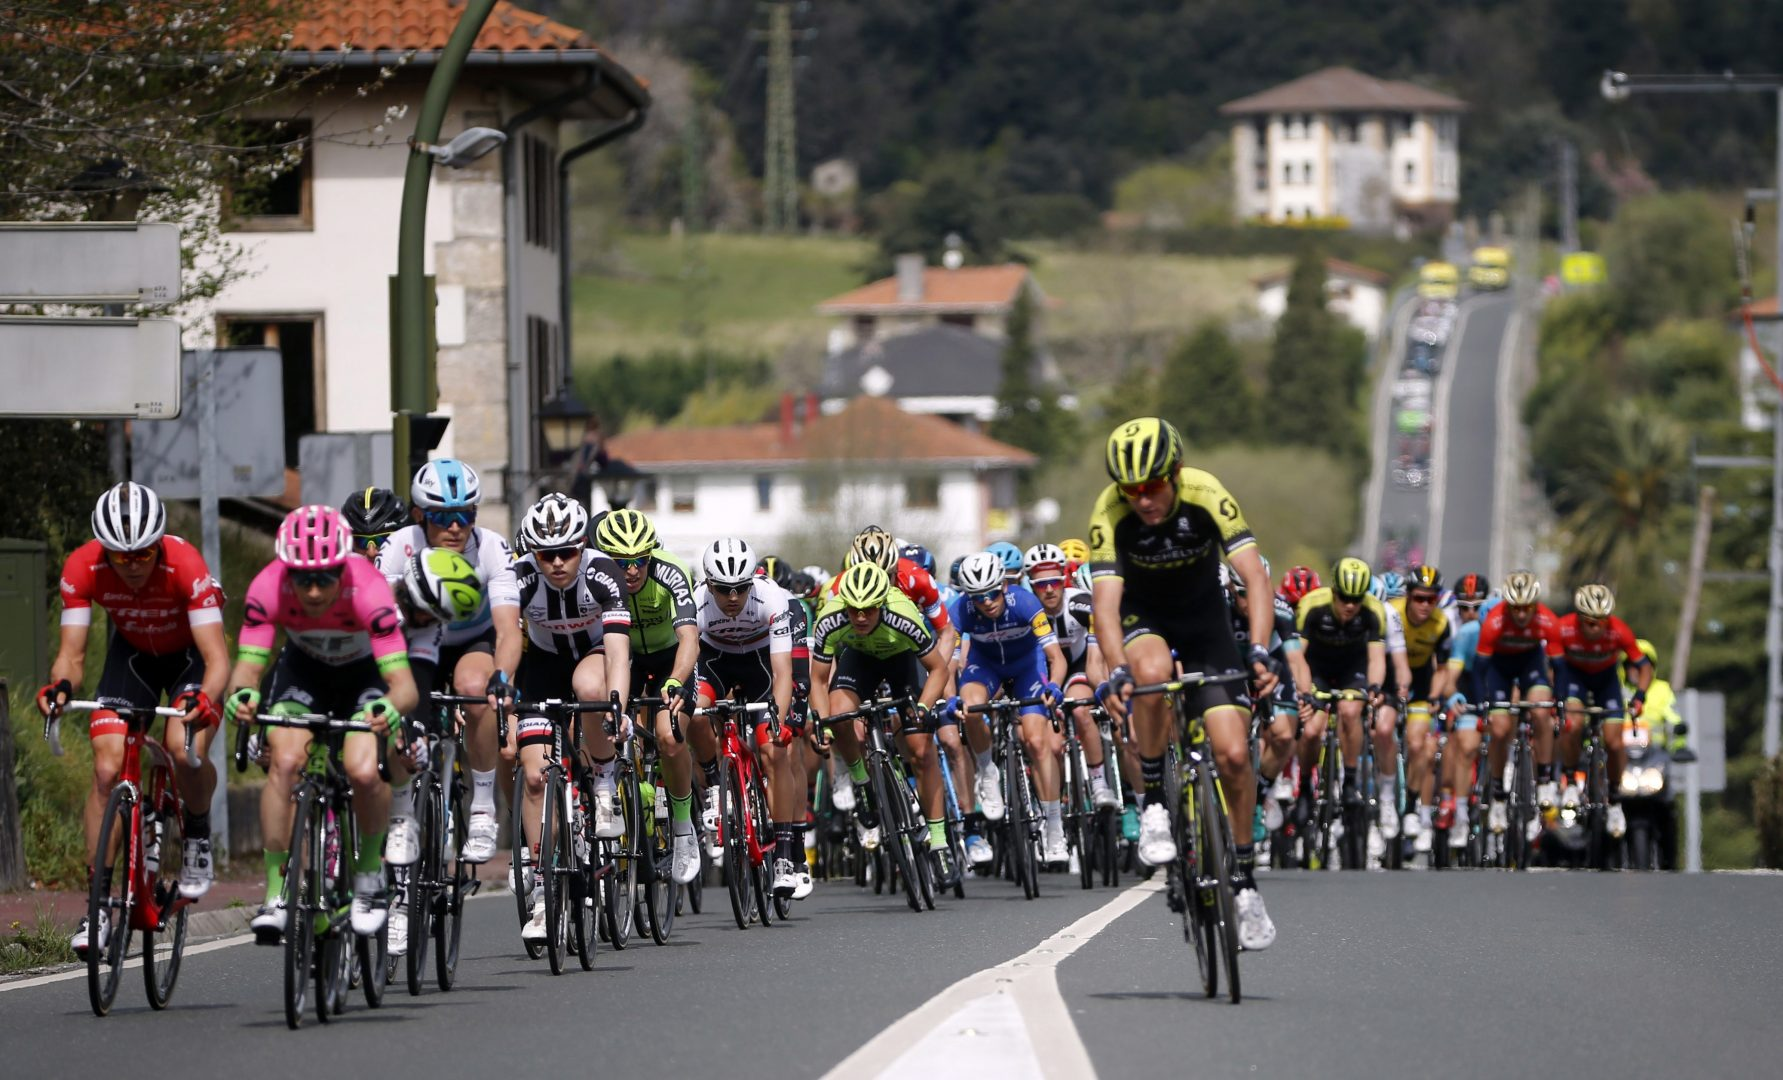 McCarthy vence en la tercera etapa al sprint a un día de la crono. Alaphilippe continúa líder de la general. (Foto: EFE)